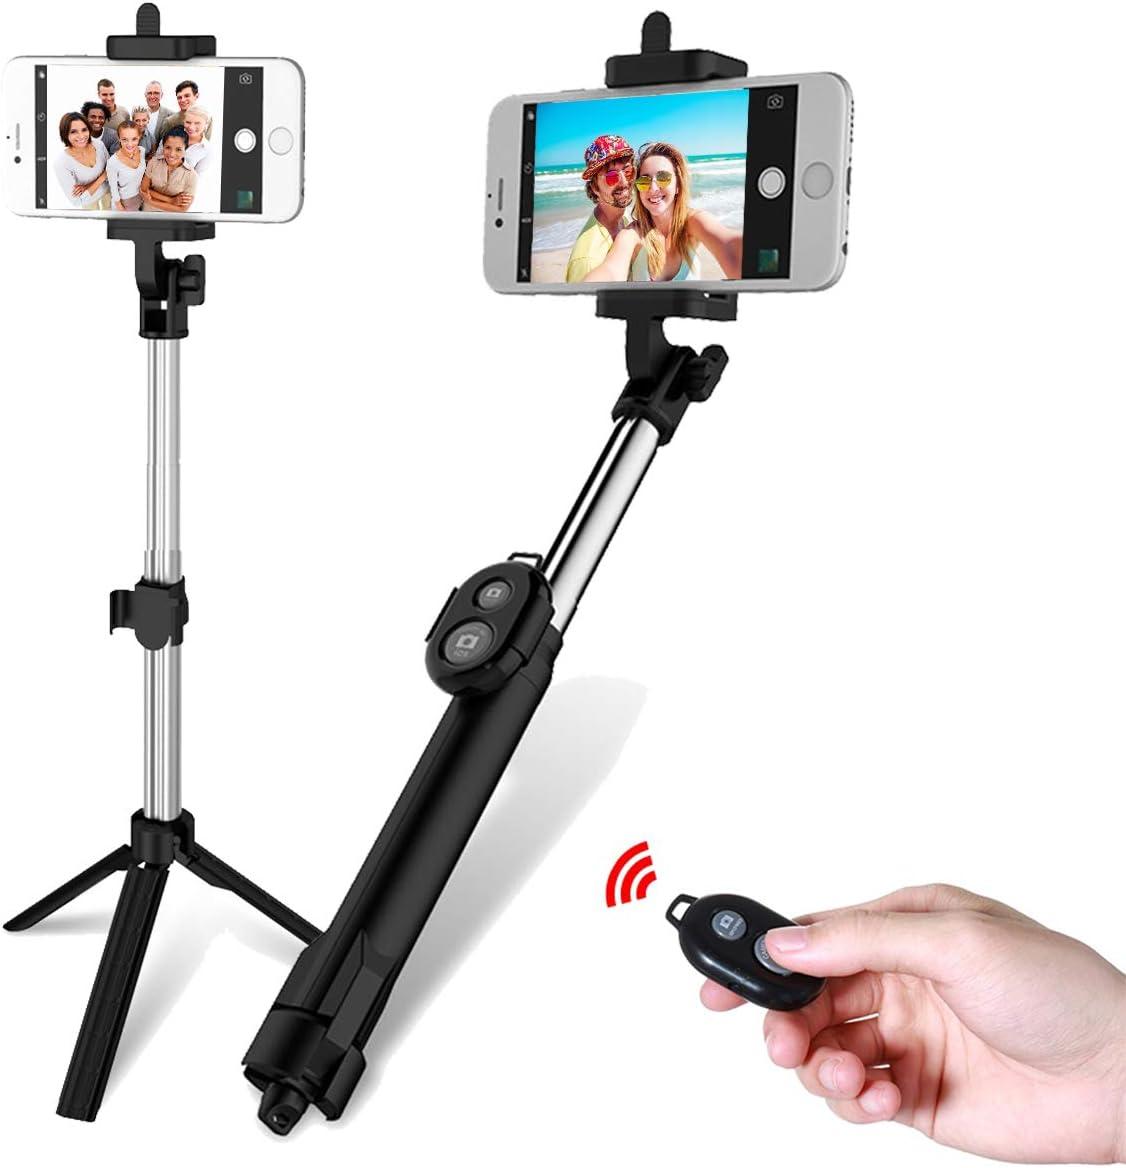 OhhGo Selfie Stick Tr/ípode Monopod Extensible Bluetooth Obturador Remoto Selfie Stick para Tel/éfono M/óvil